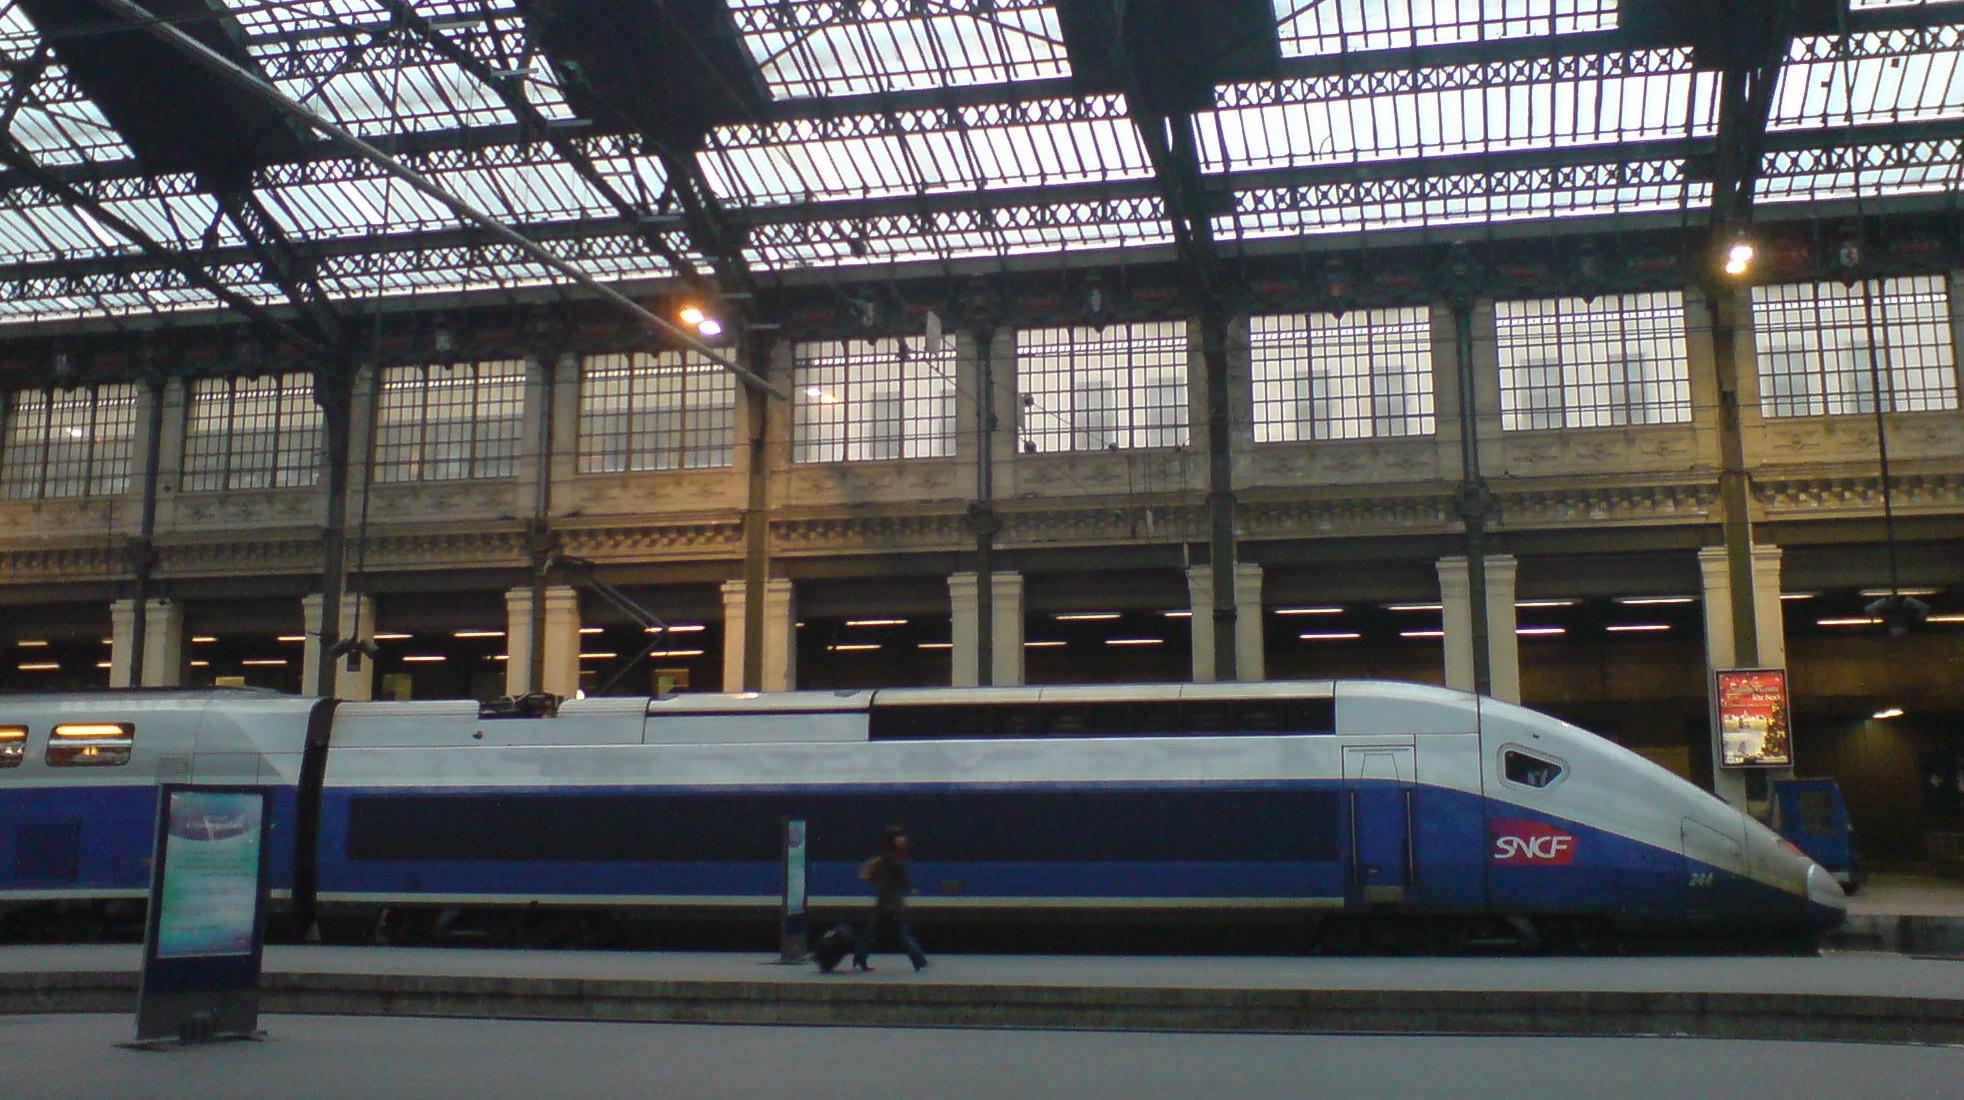 File:TGV Duplex in profile.JPG - Wikipedia